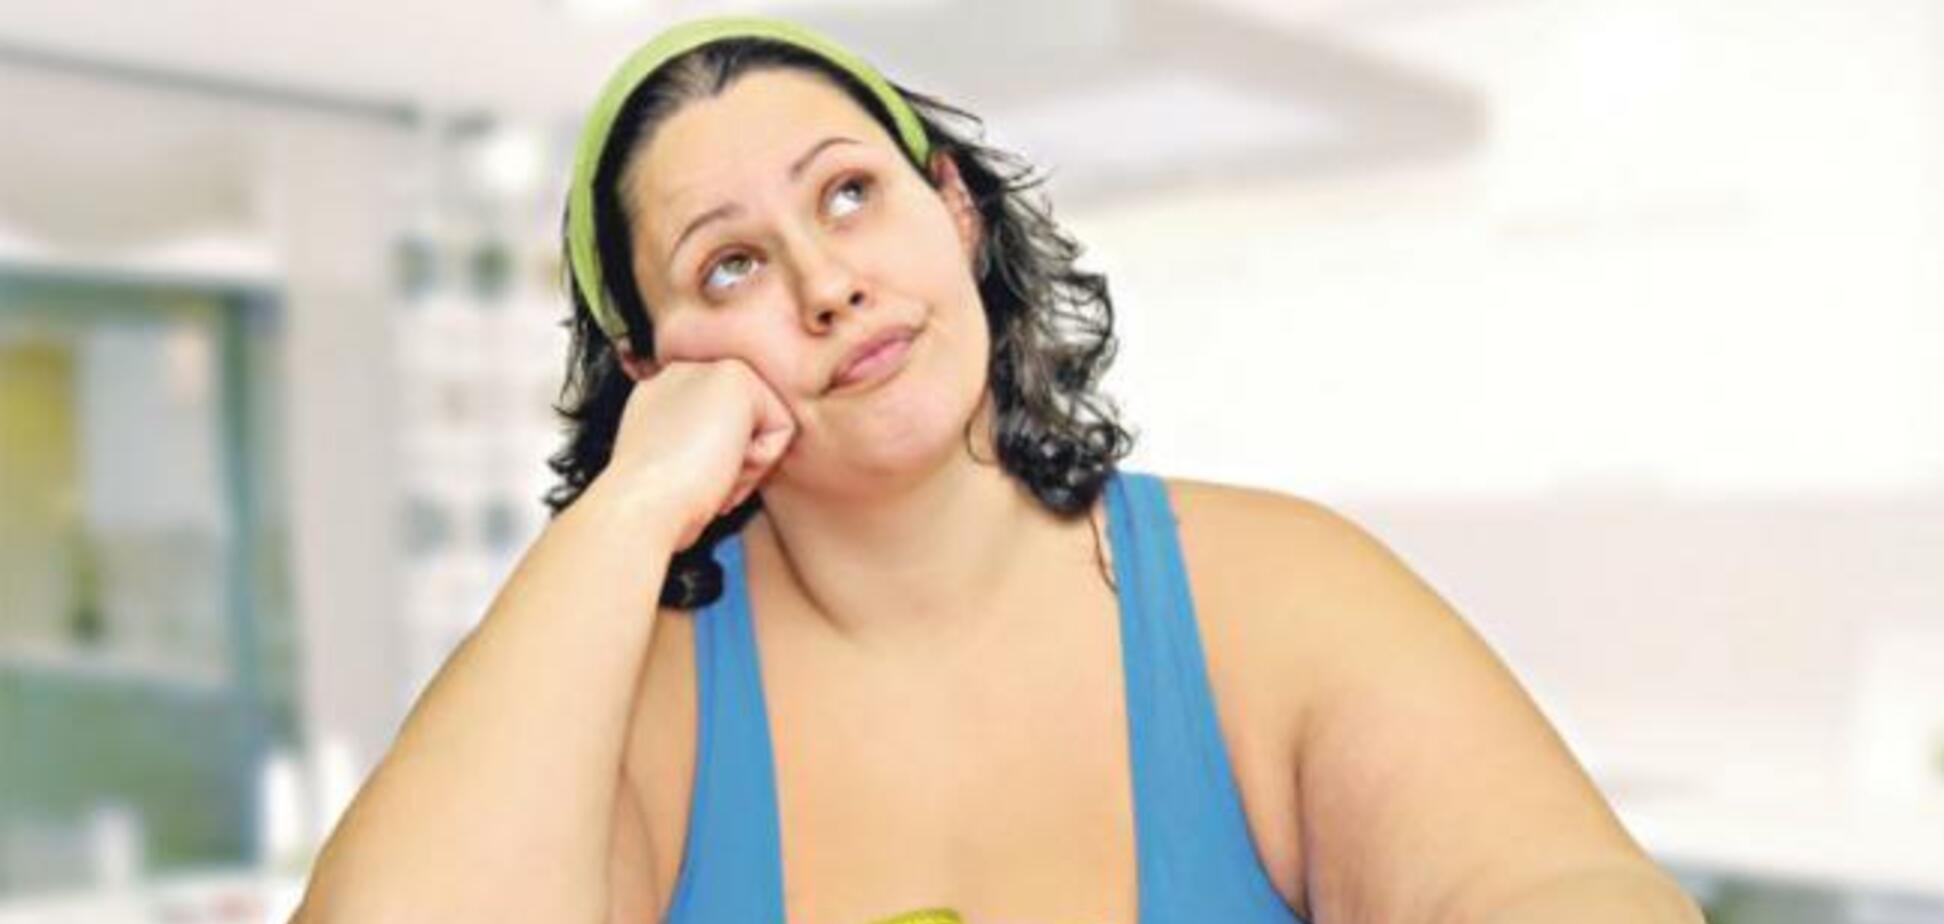 Как похудеть на 10 кг за месяц без диет и спортзала: советы эксперта